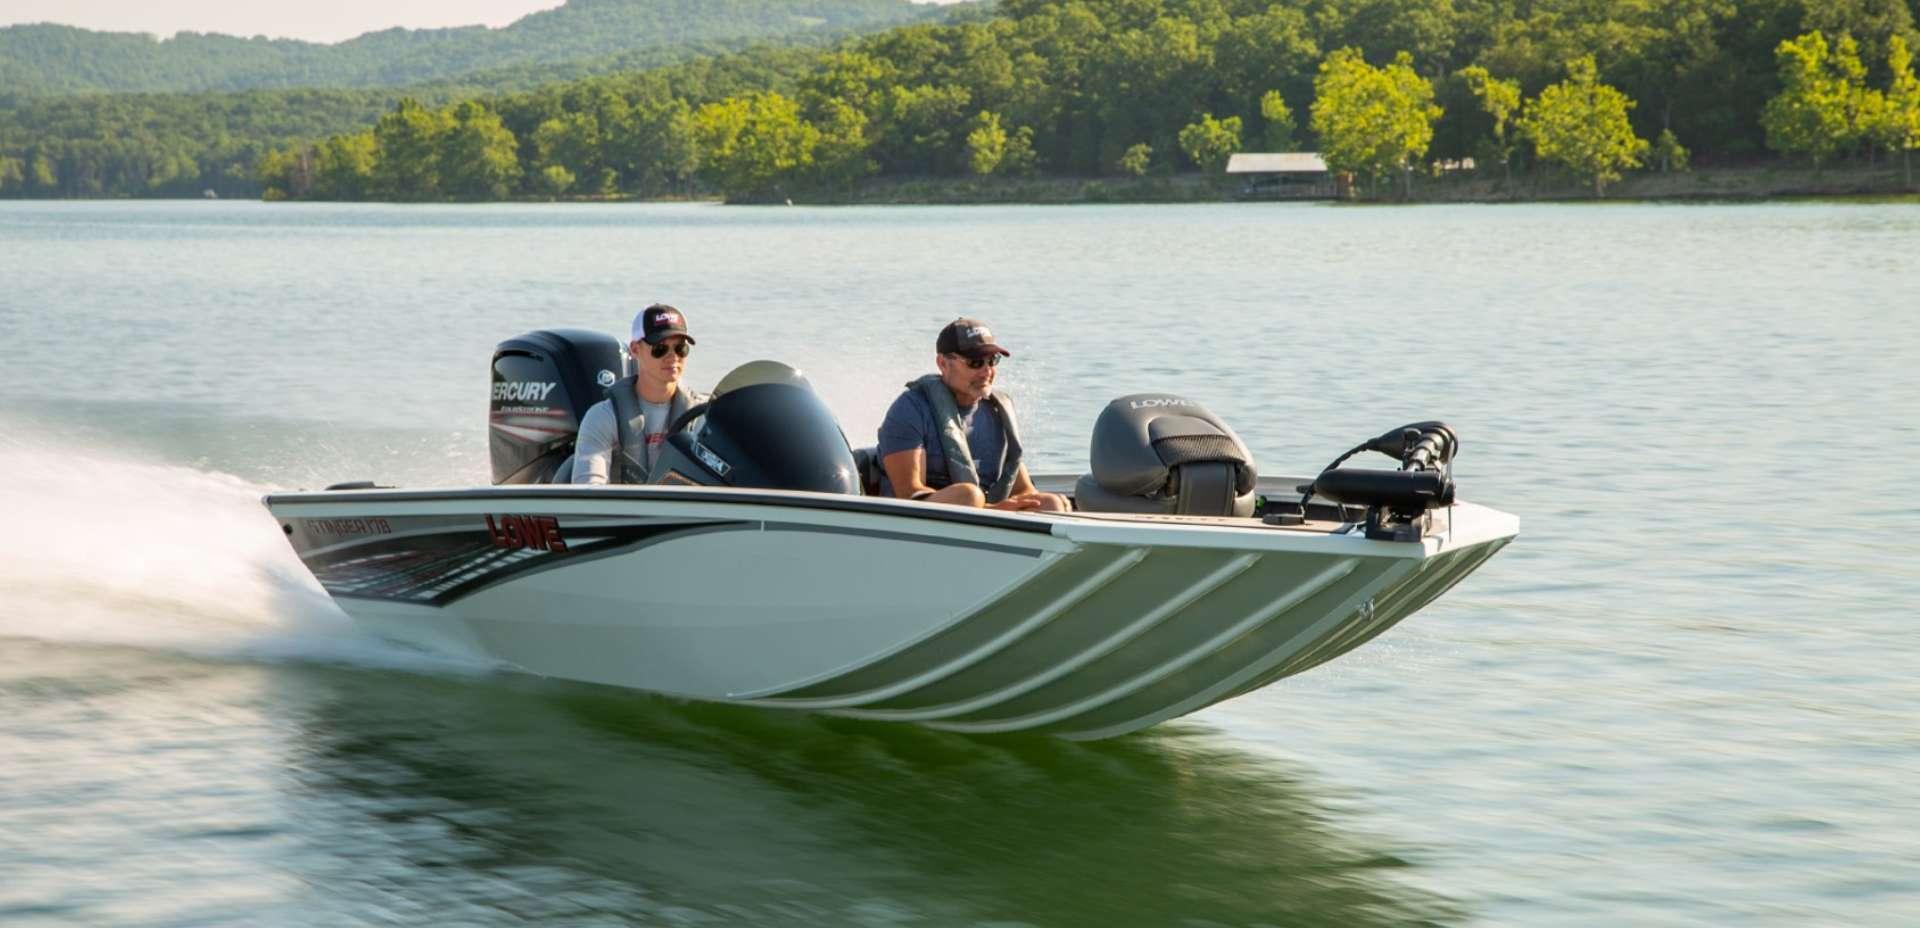 Home H2O Sportz & Marine Sherwood, AR (501) 834-0998